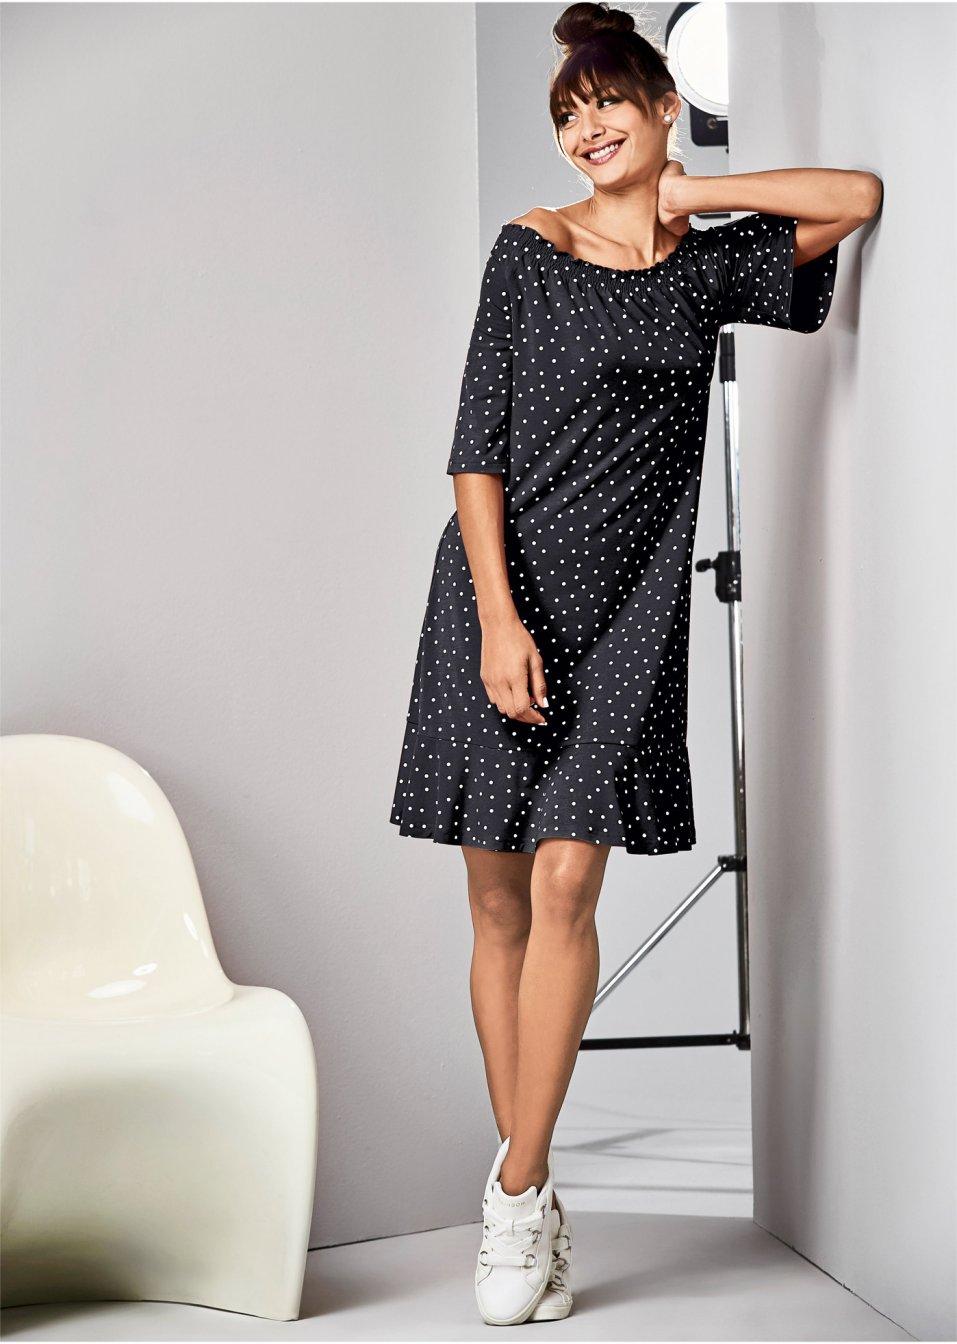 Jersey Carmen-Kleid schwarz/weiss gepunktet - RAINBOW ...